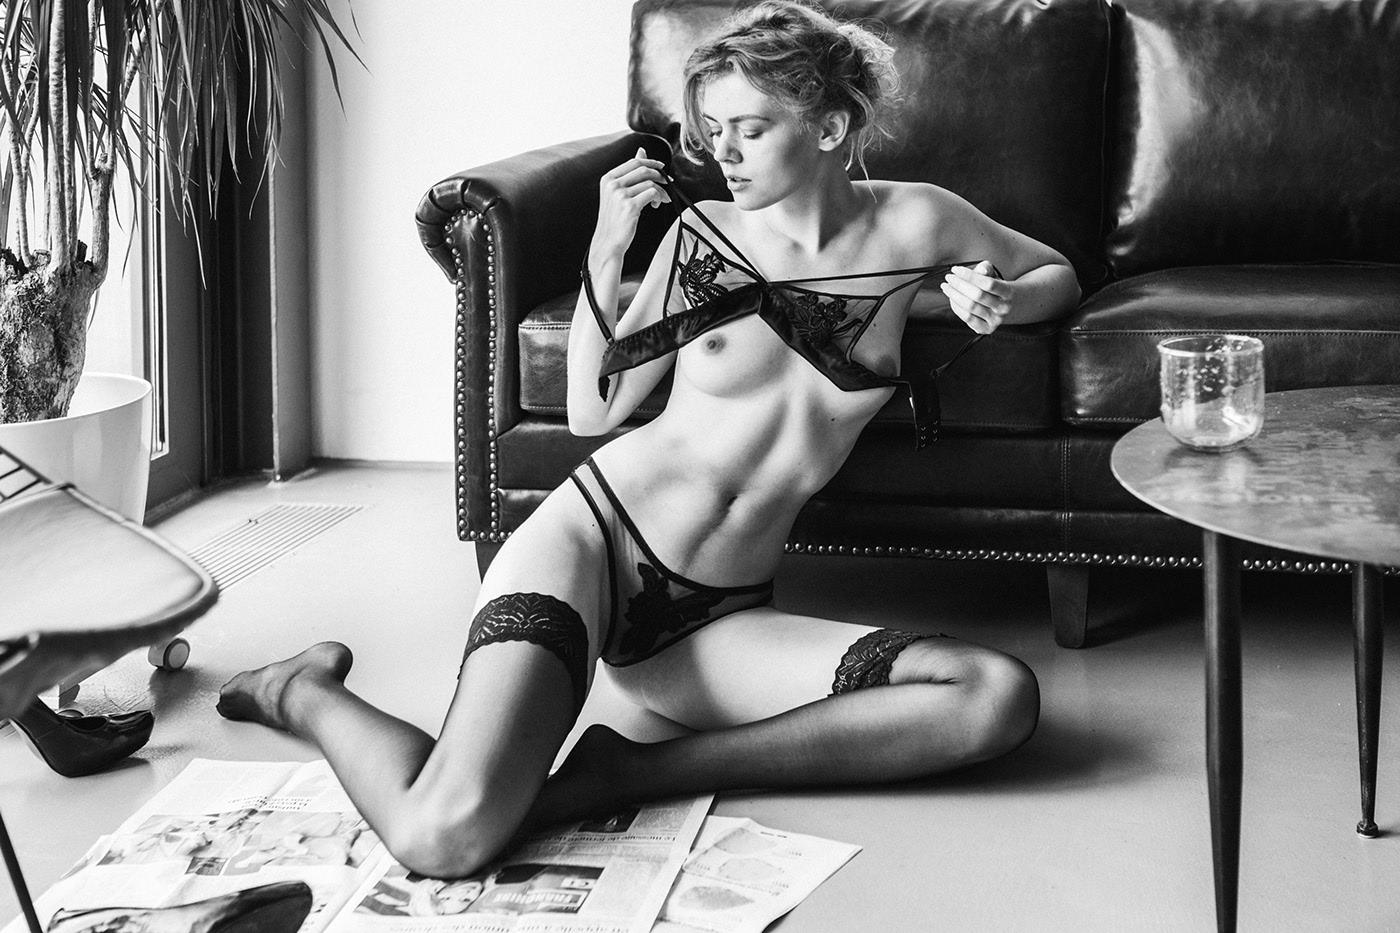 Модель Kate Ri / фотограф Hannes Walendy